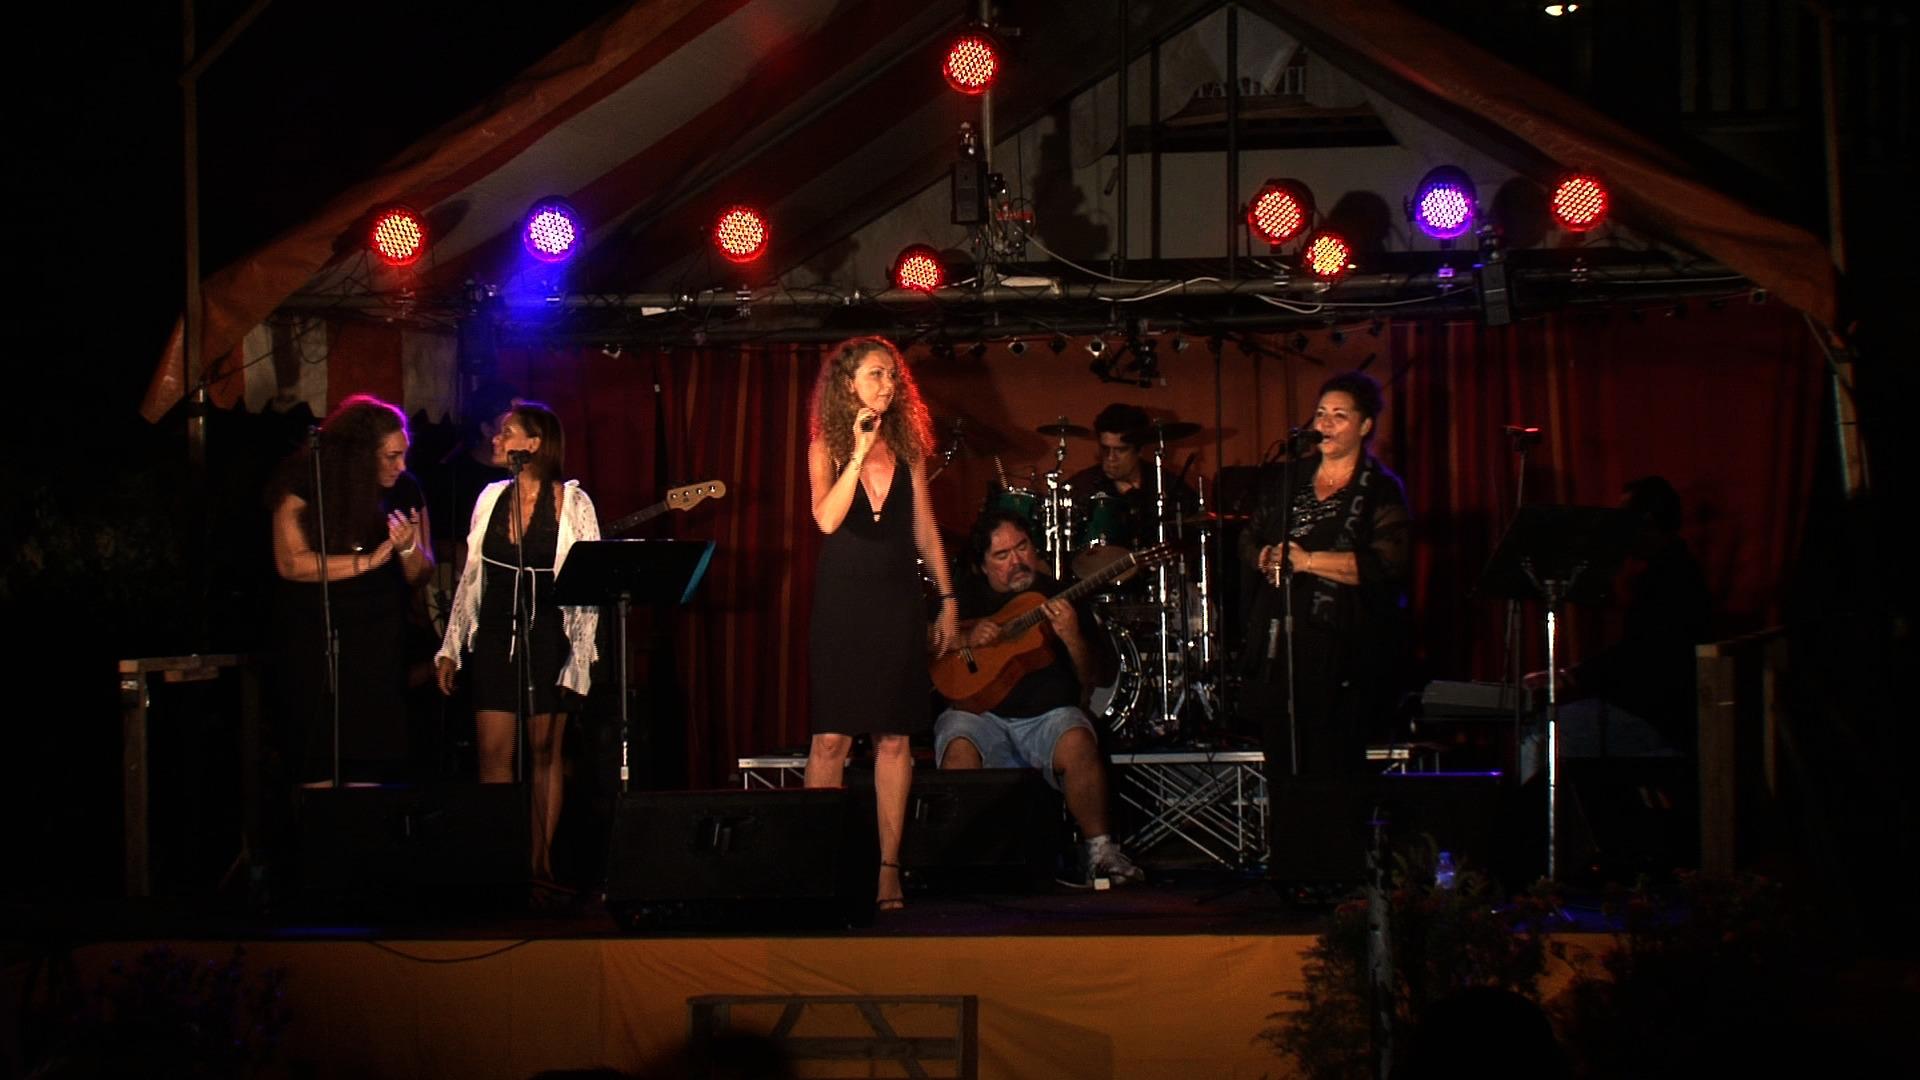 concert whytney 2.jpg